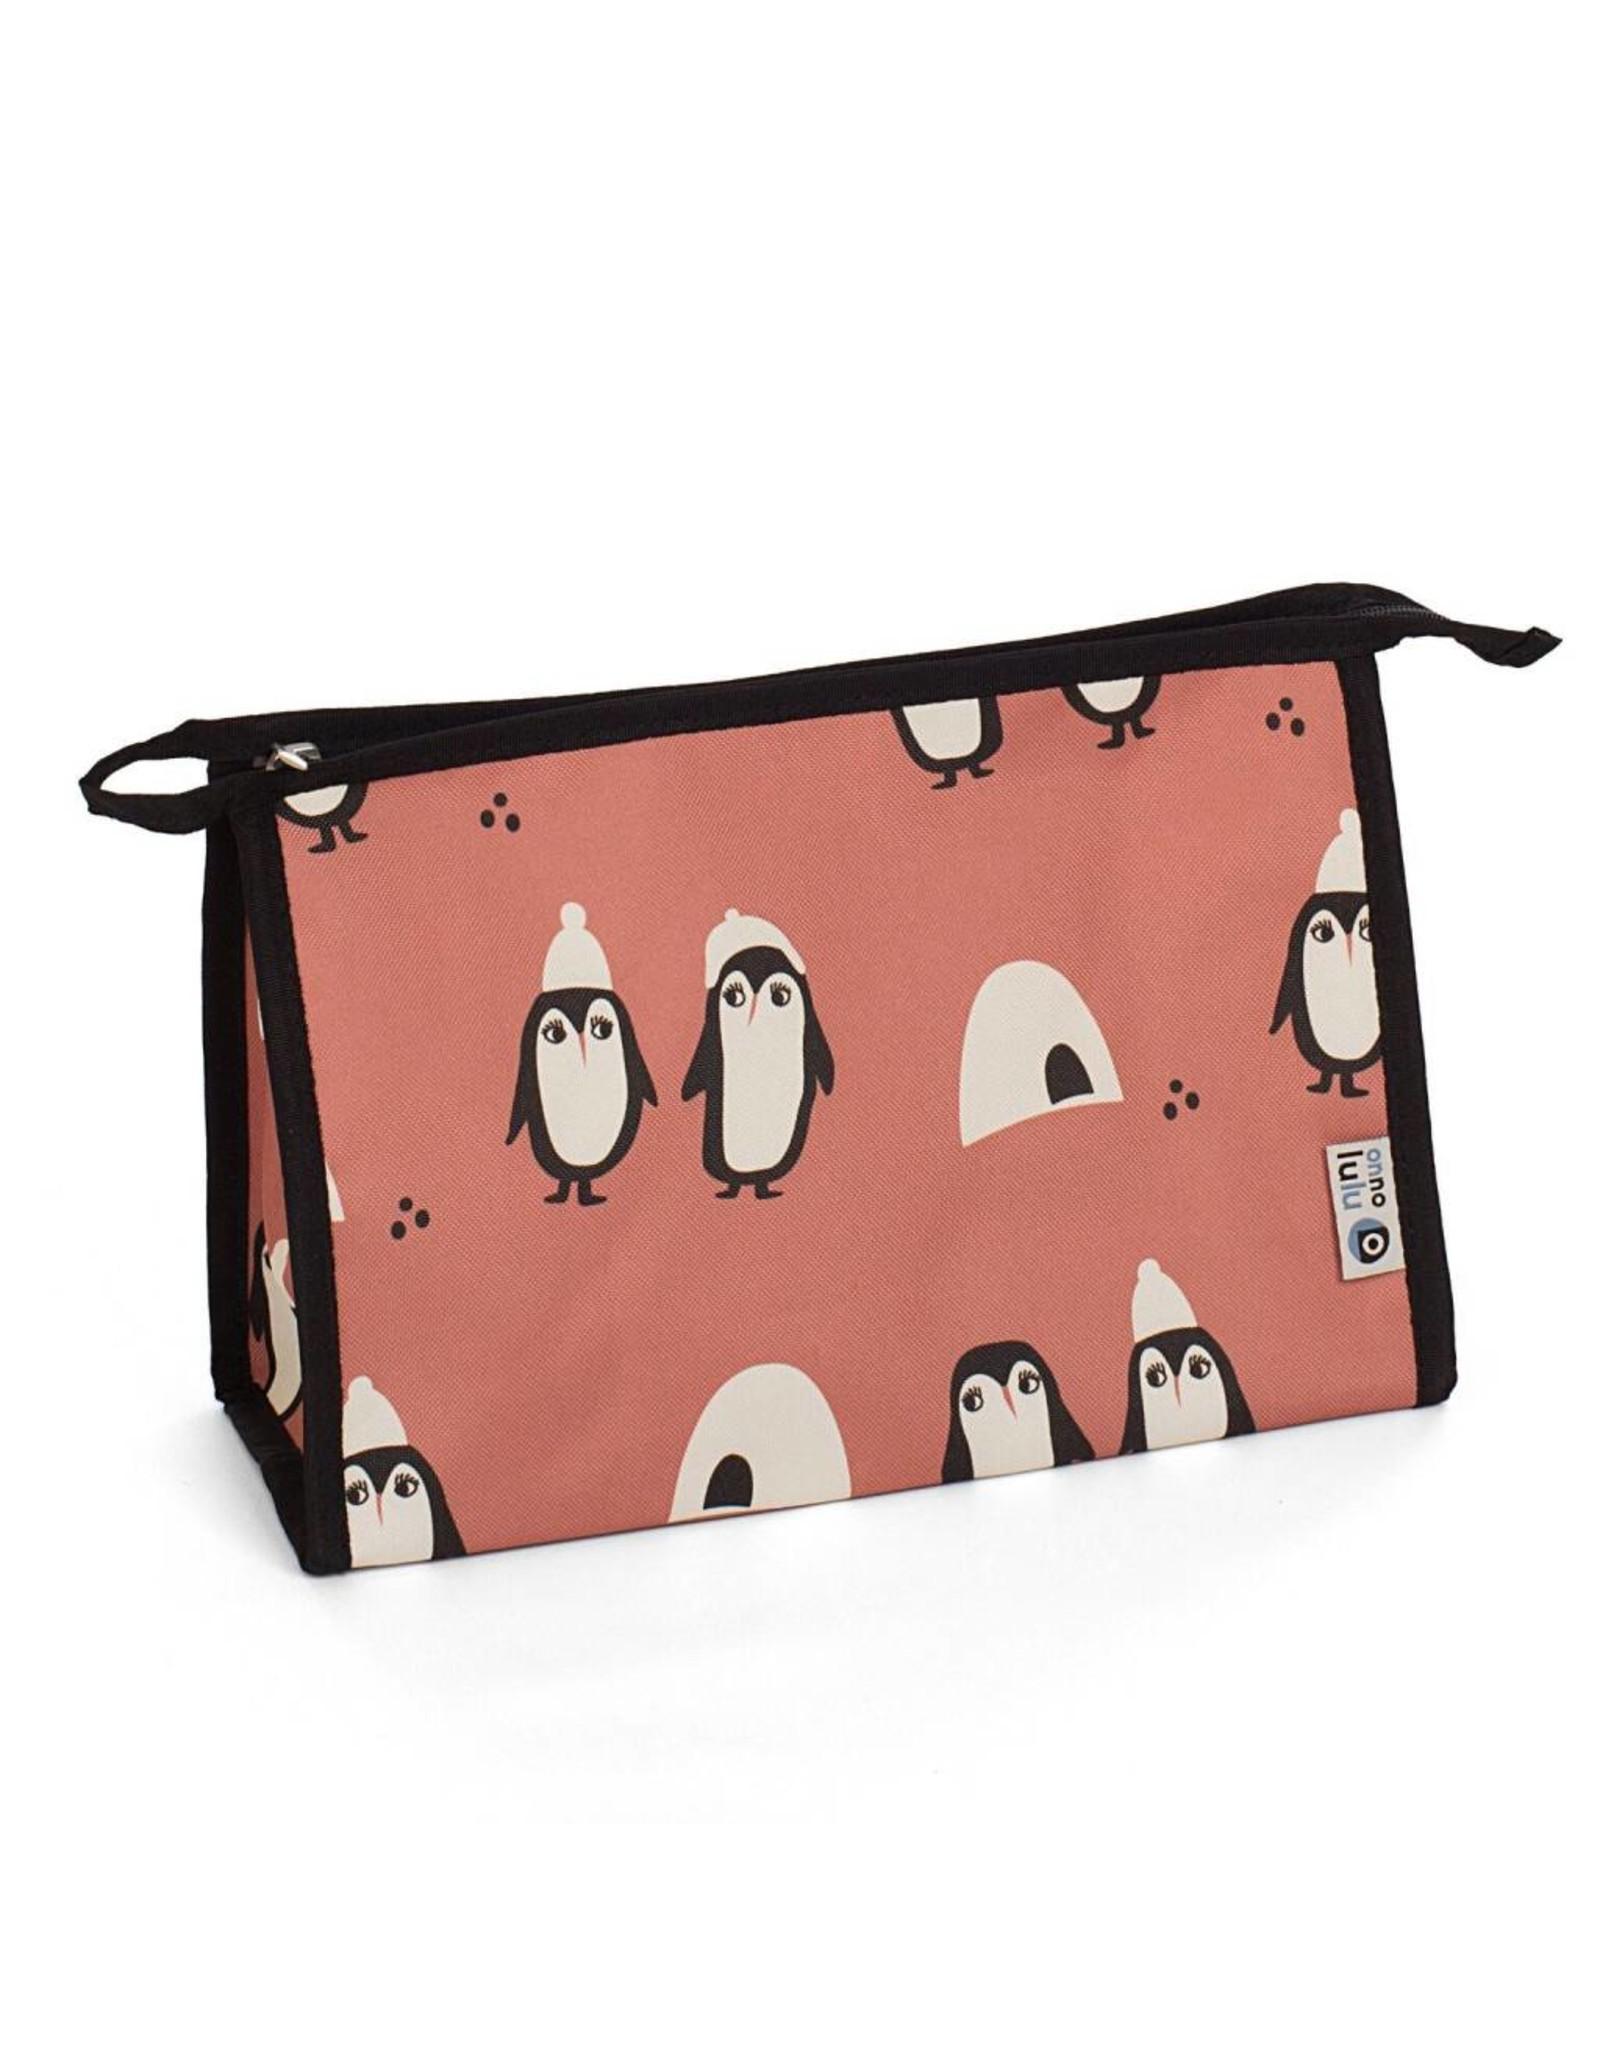 Toiletzak pinguïn groot